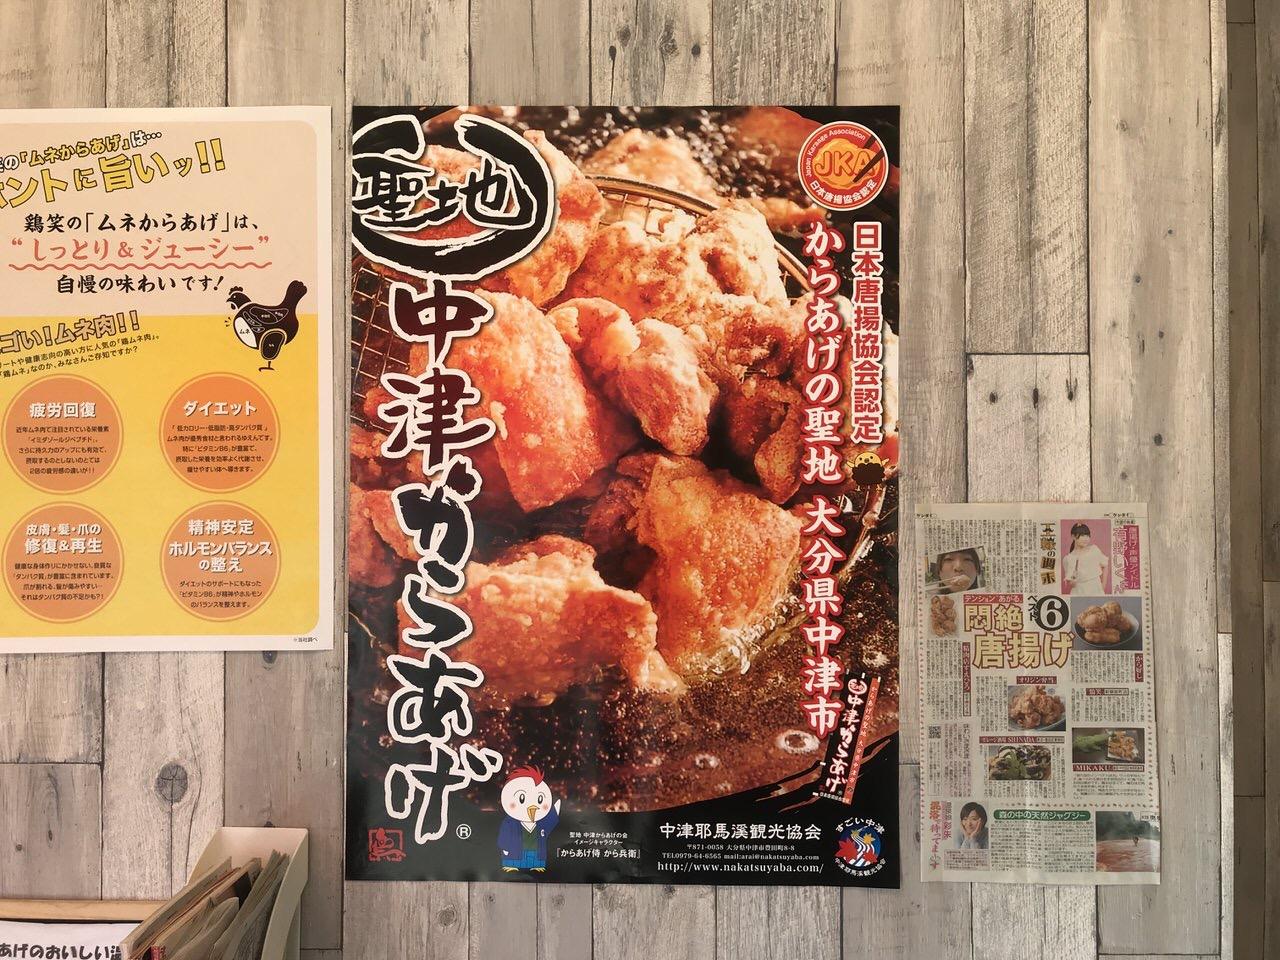 鶏笑 浦和本店 ポスター